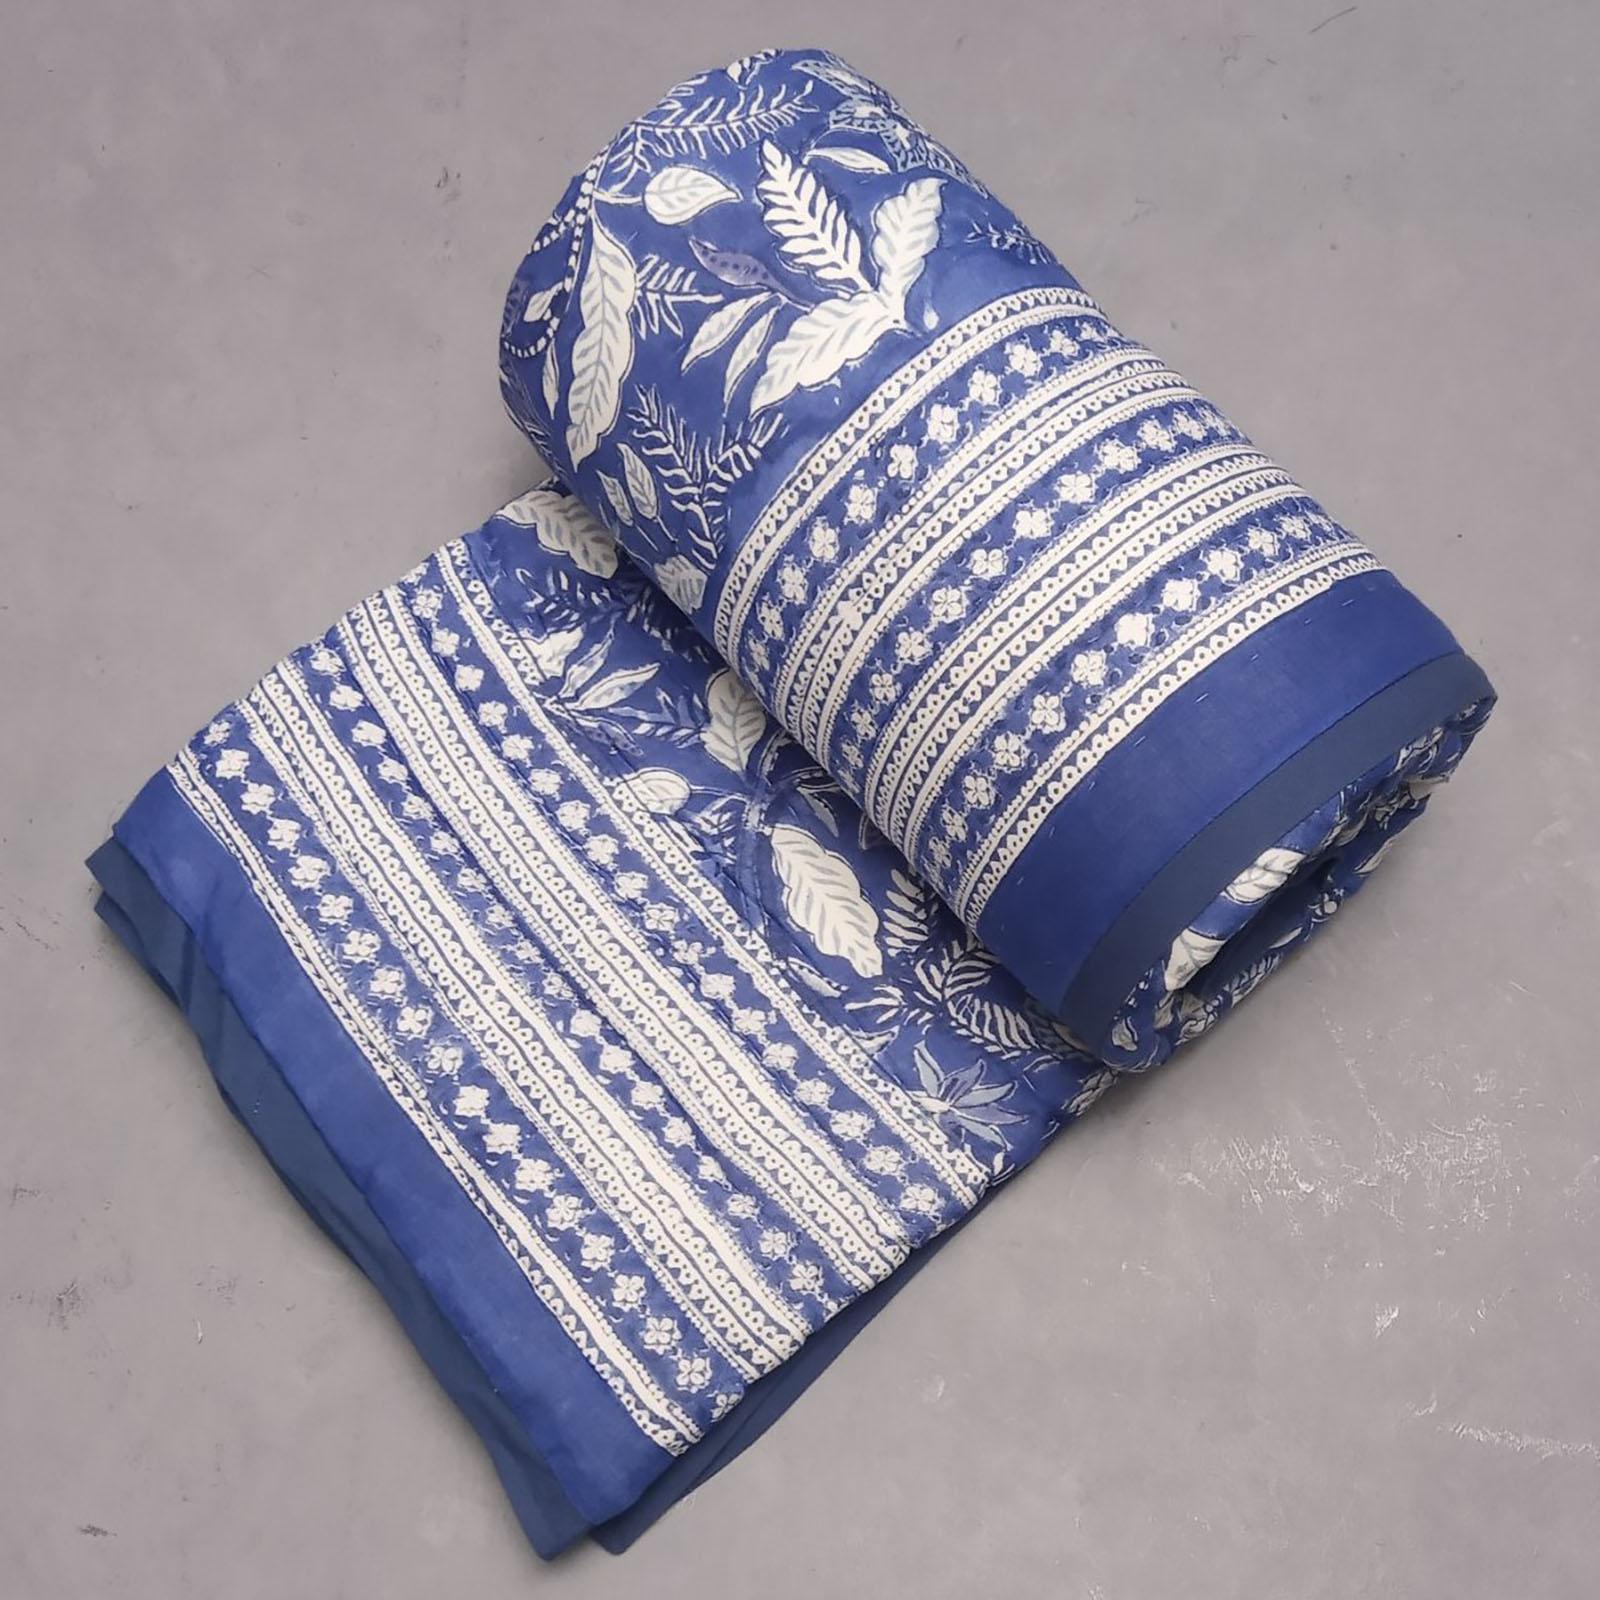 Blue Floral Single Size Quilt